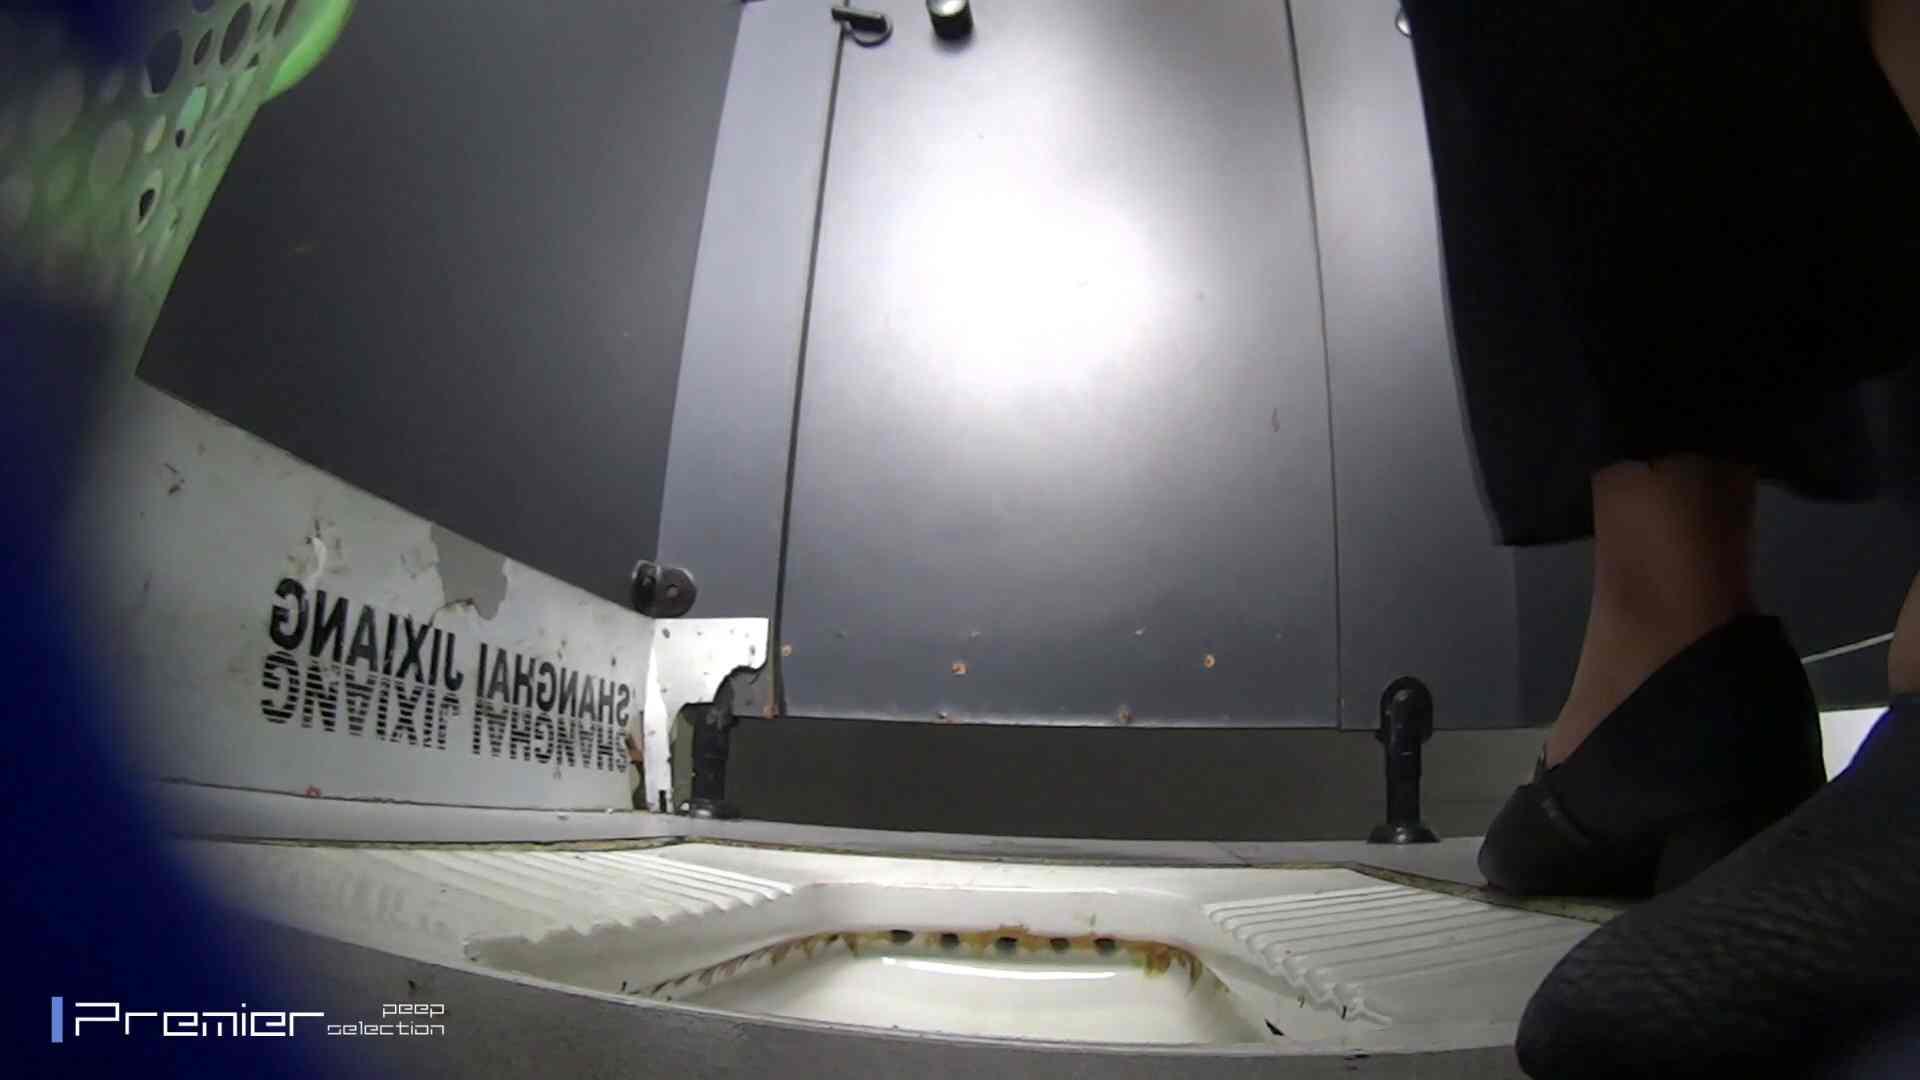 夏全開!ハーフパンツのギャル達 大学休憩時間の洗面所事情44 パンツ特集 ワレメ動画紹介 105画像 23